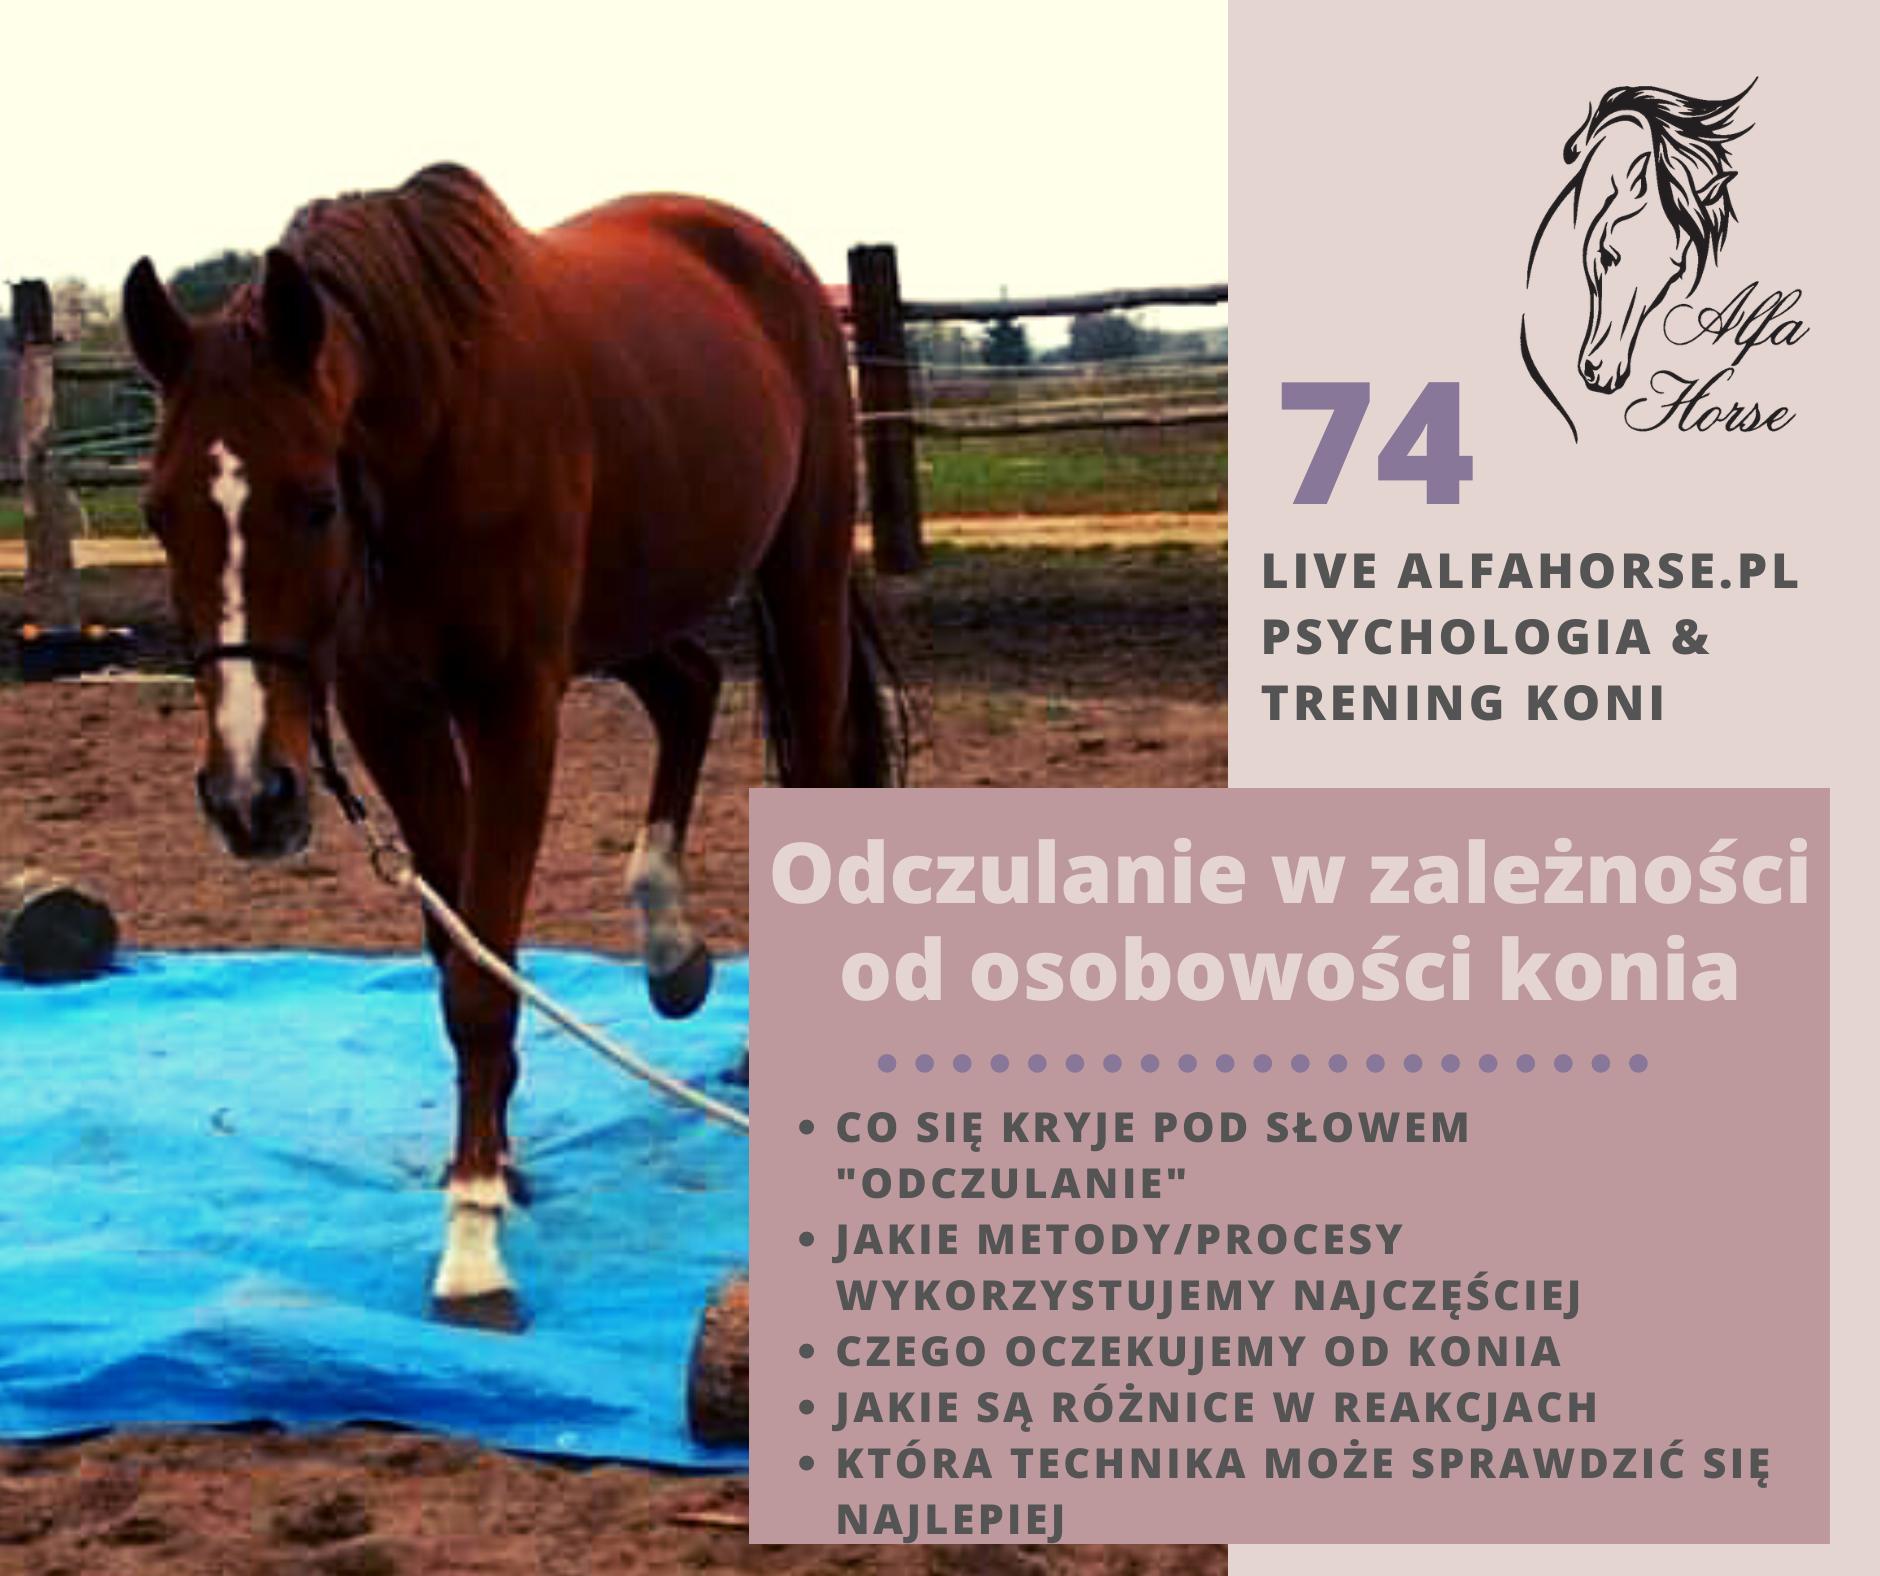 live_74_odczulanie_w aleznosci_od_osobowosci_konia